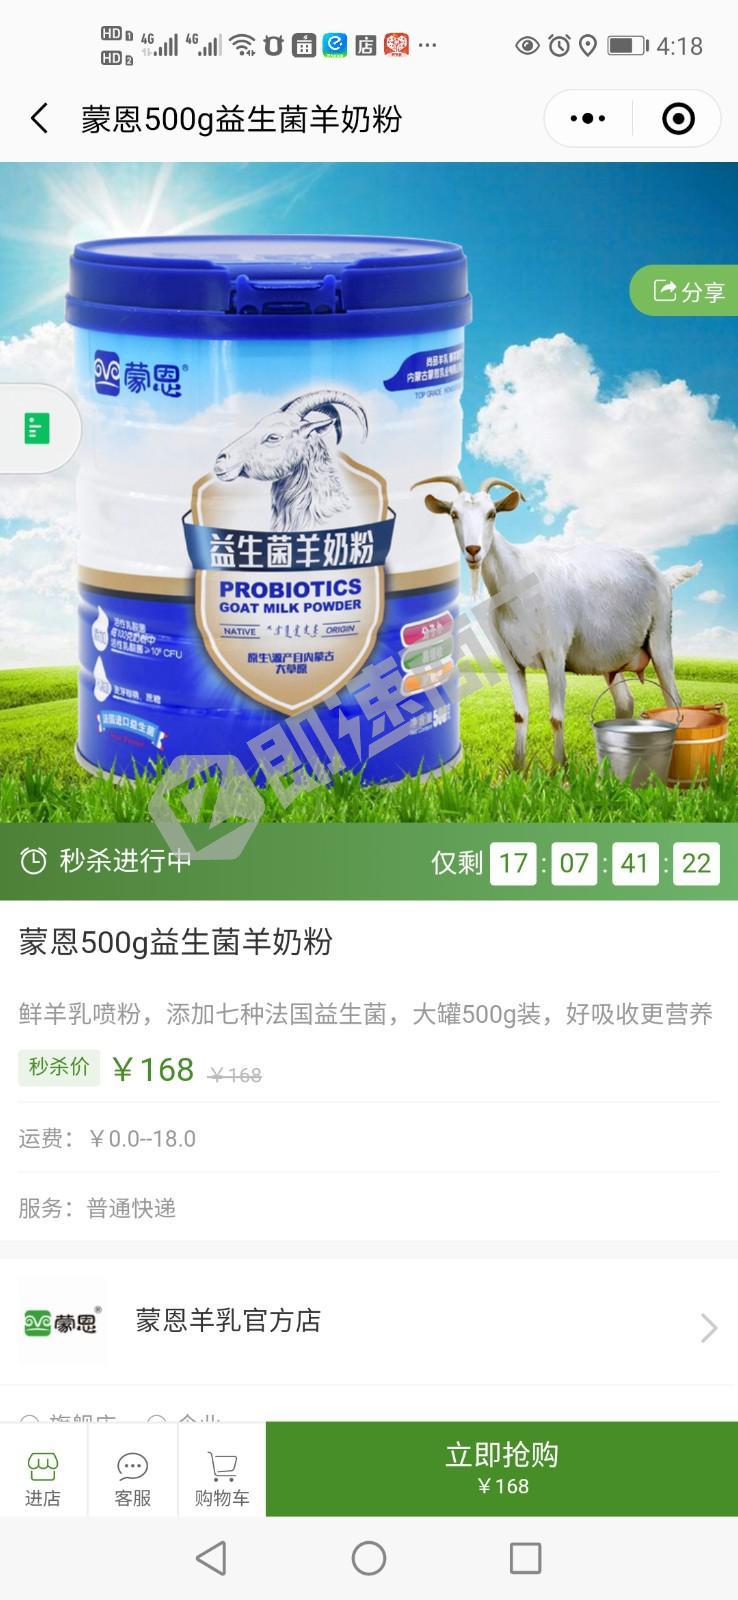 蒙恩羊乳官方店小程序详情页截图1